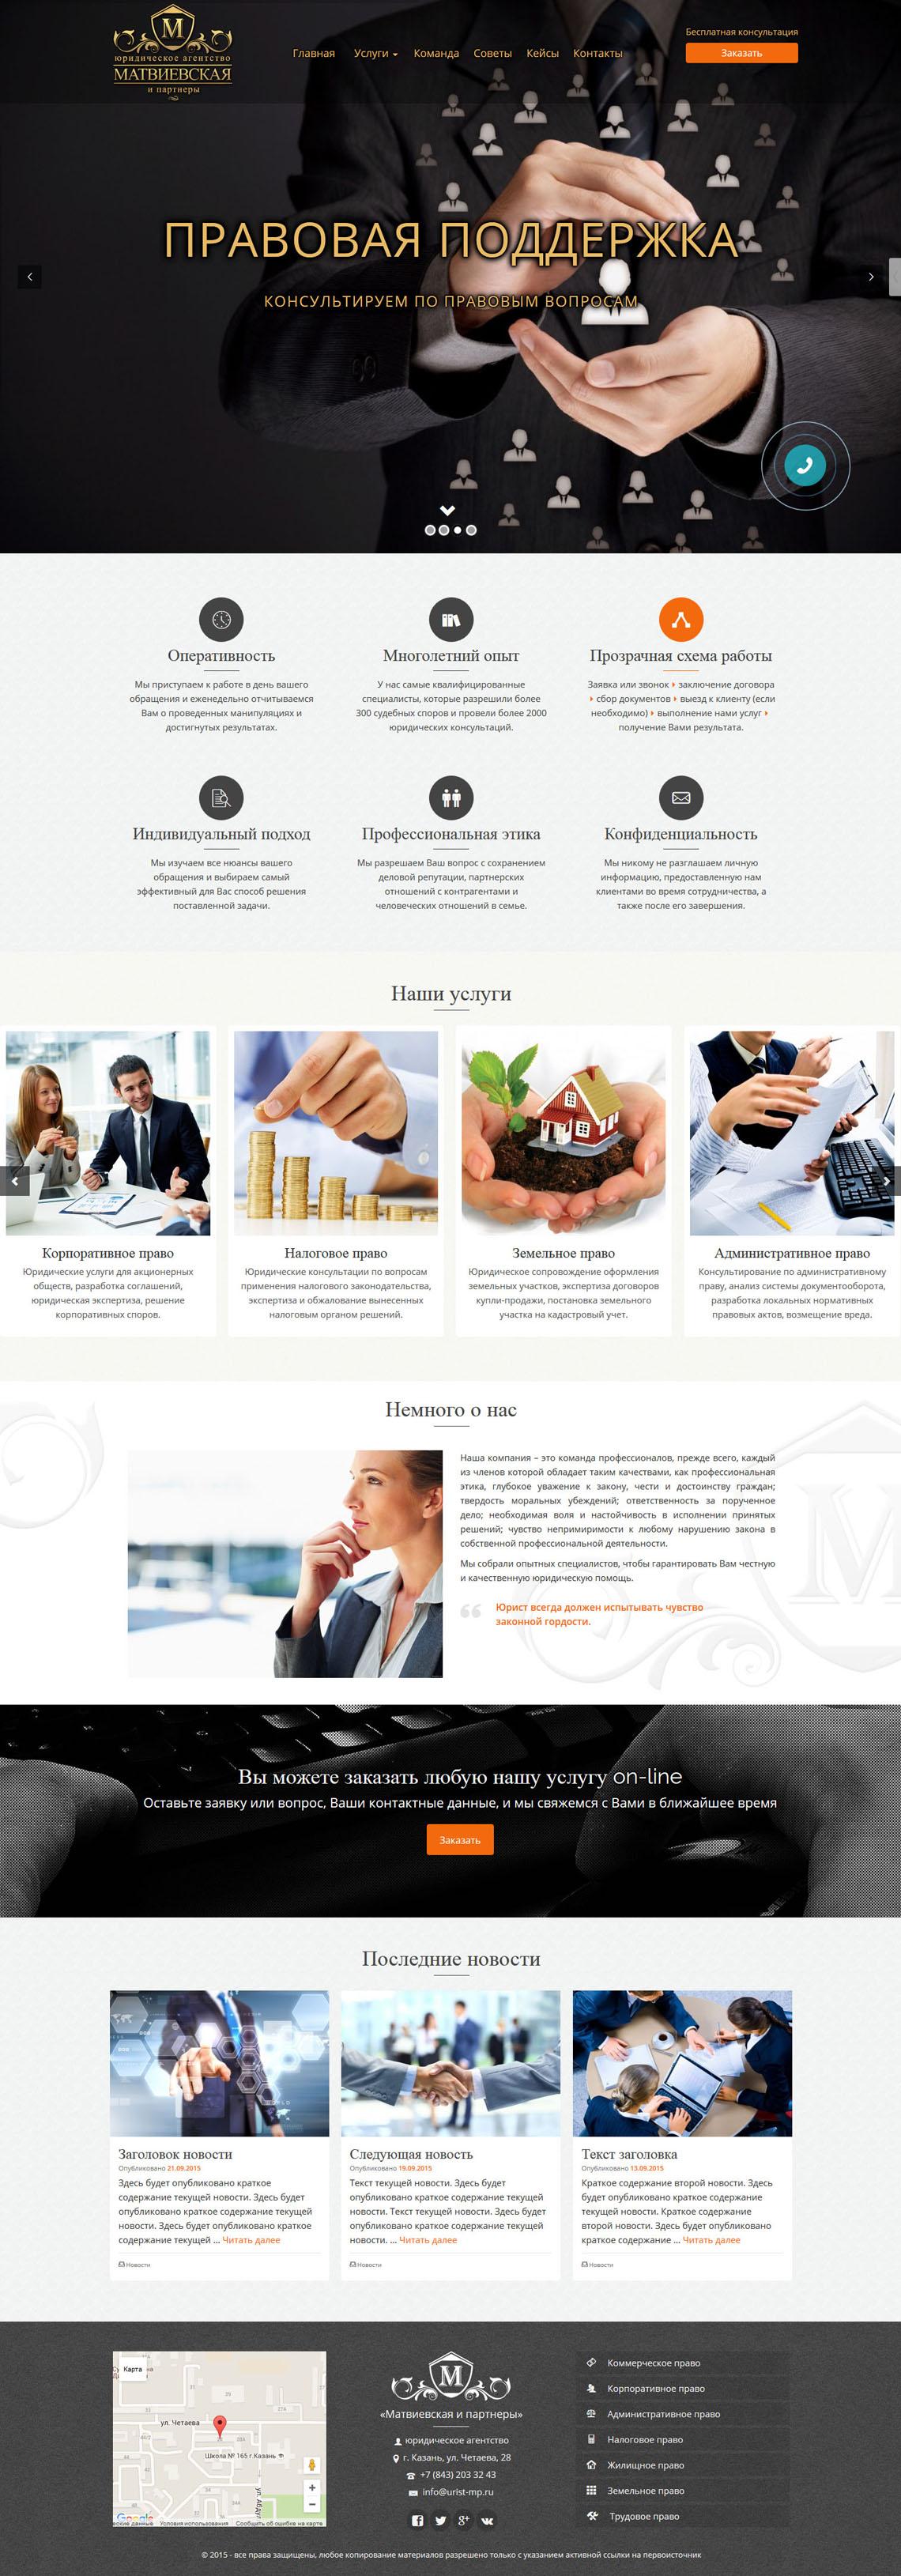 Бизнес-сайт юридического агентства